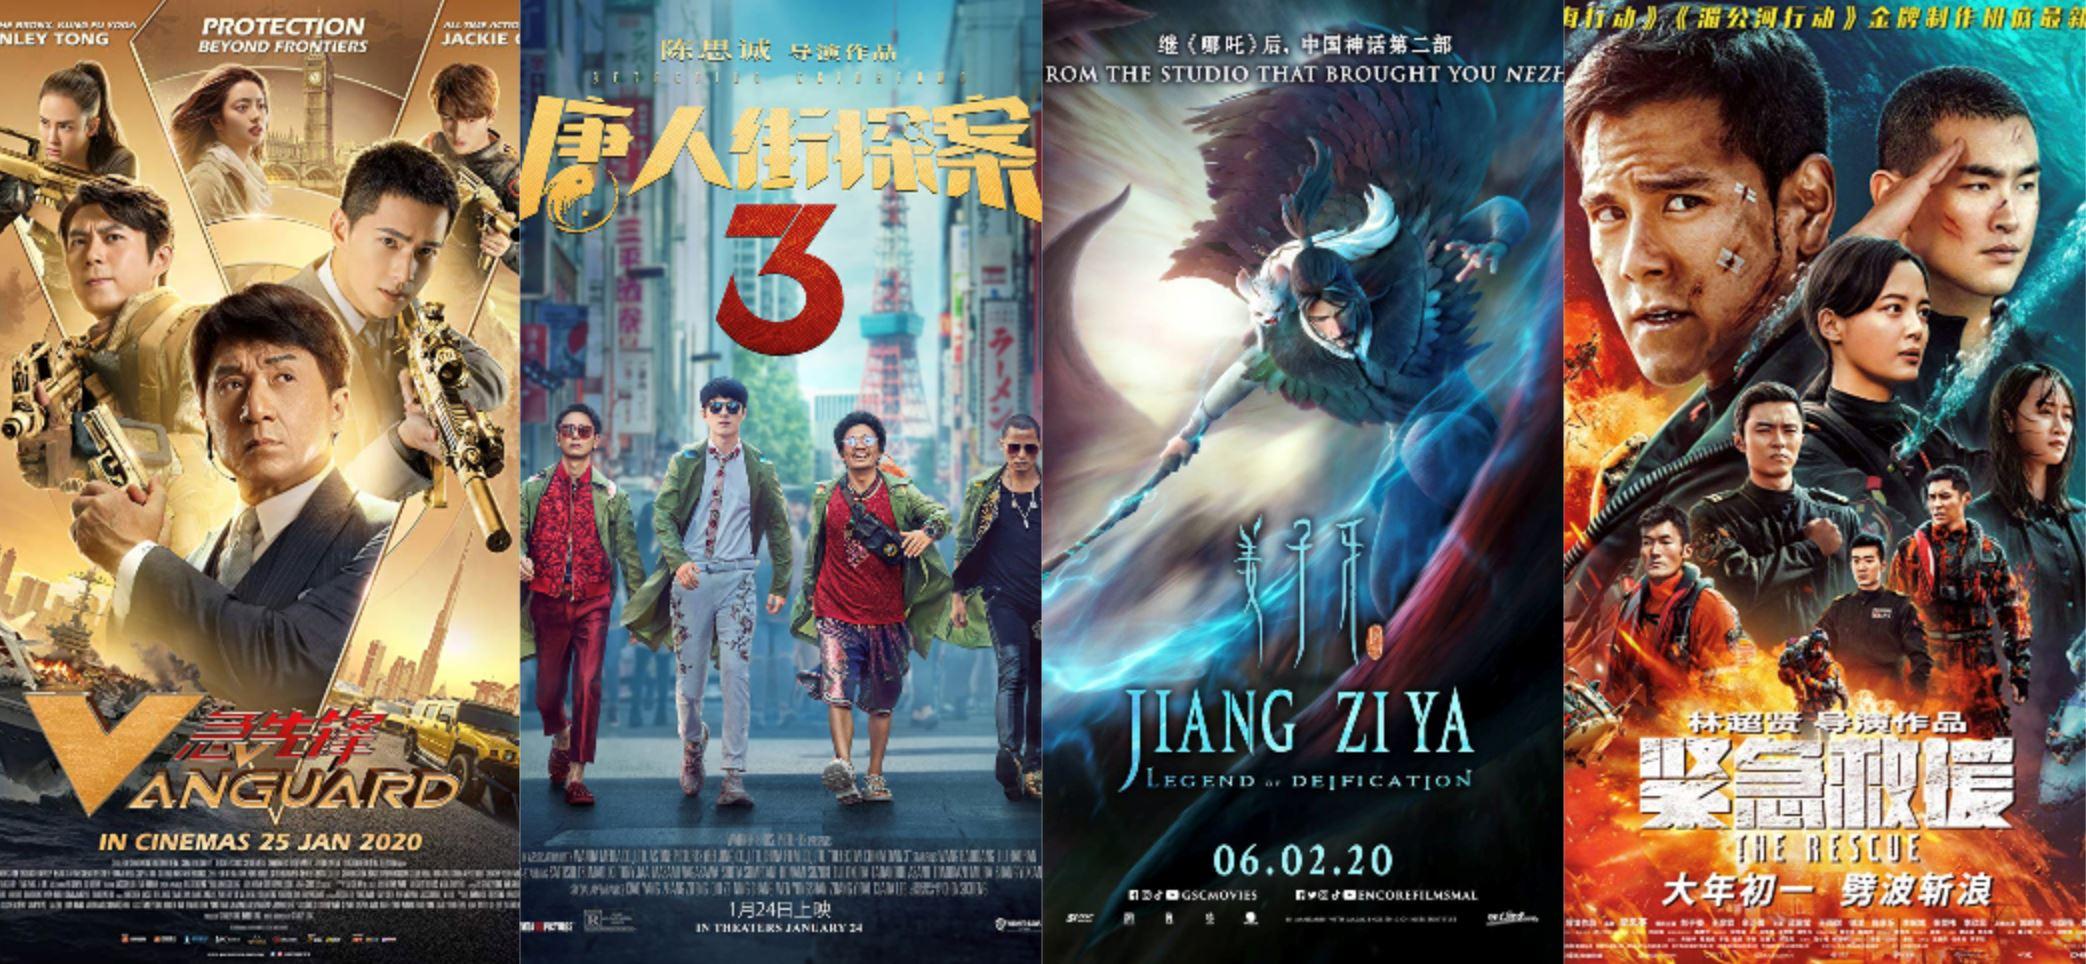 penularan wabak coronavirus, 4 filem ini terpaksa ditangguhkan tayangan di malaysia